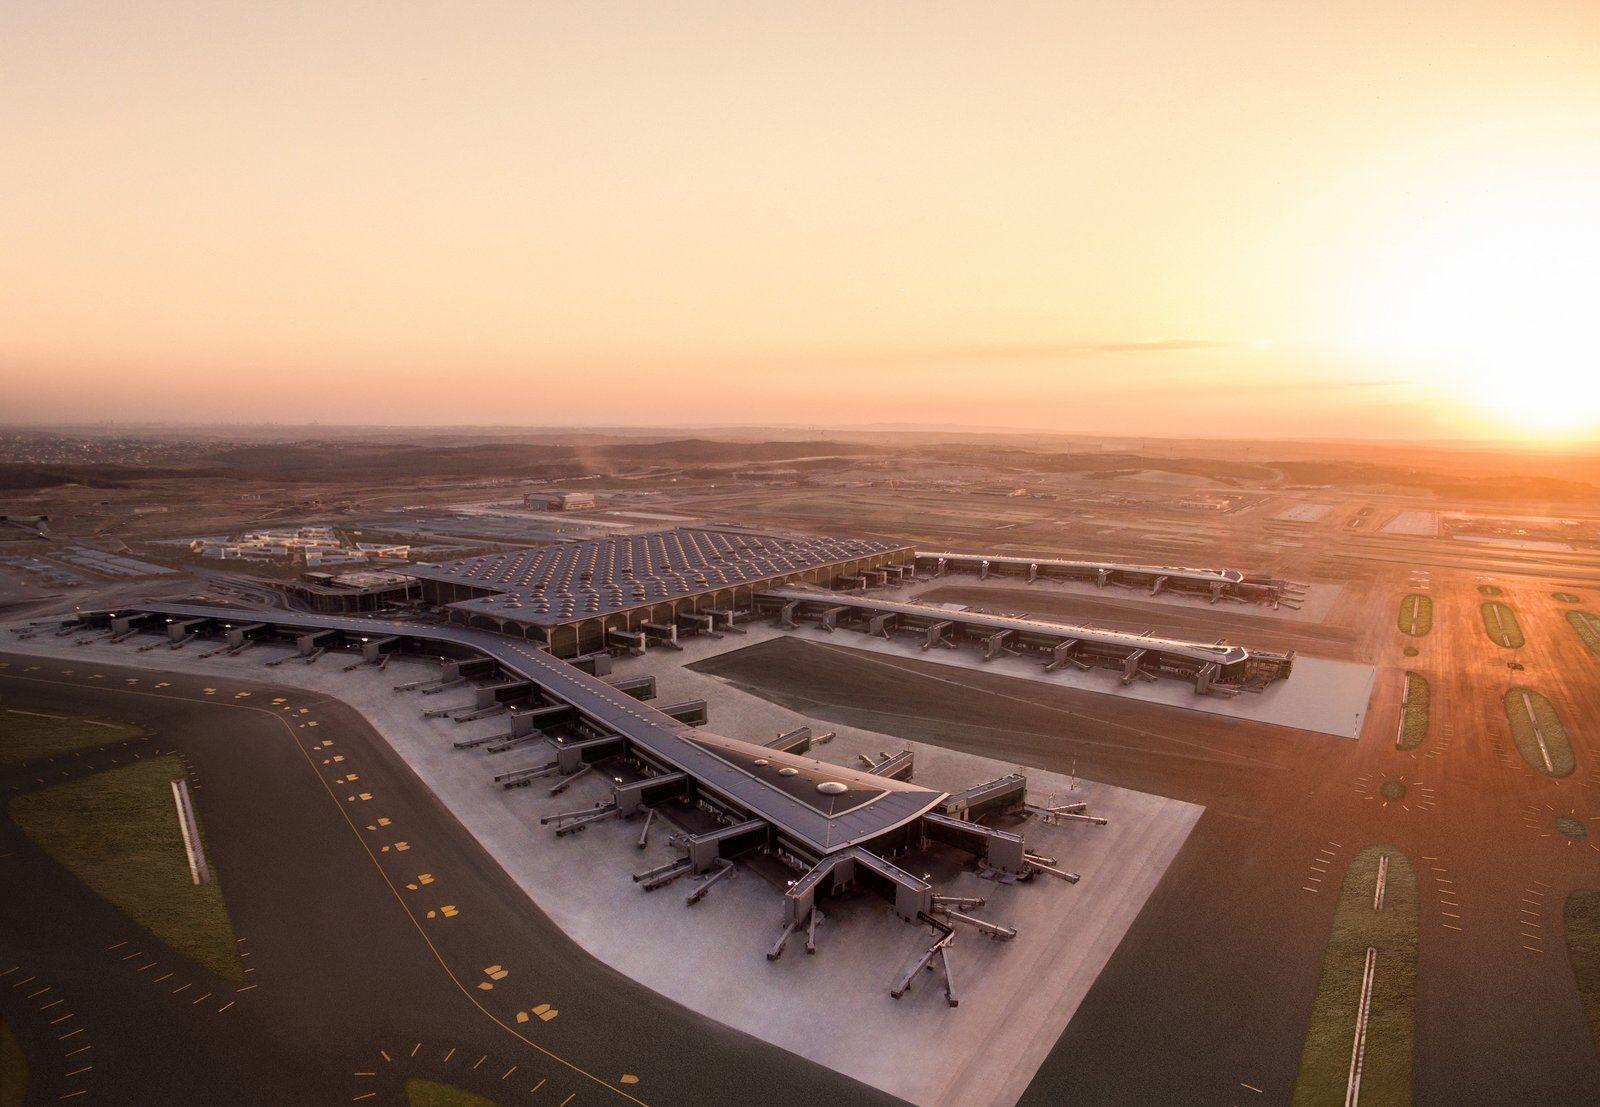 伊斯坦布尔机场群吞吐量破亿 现最大机场将关闭